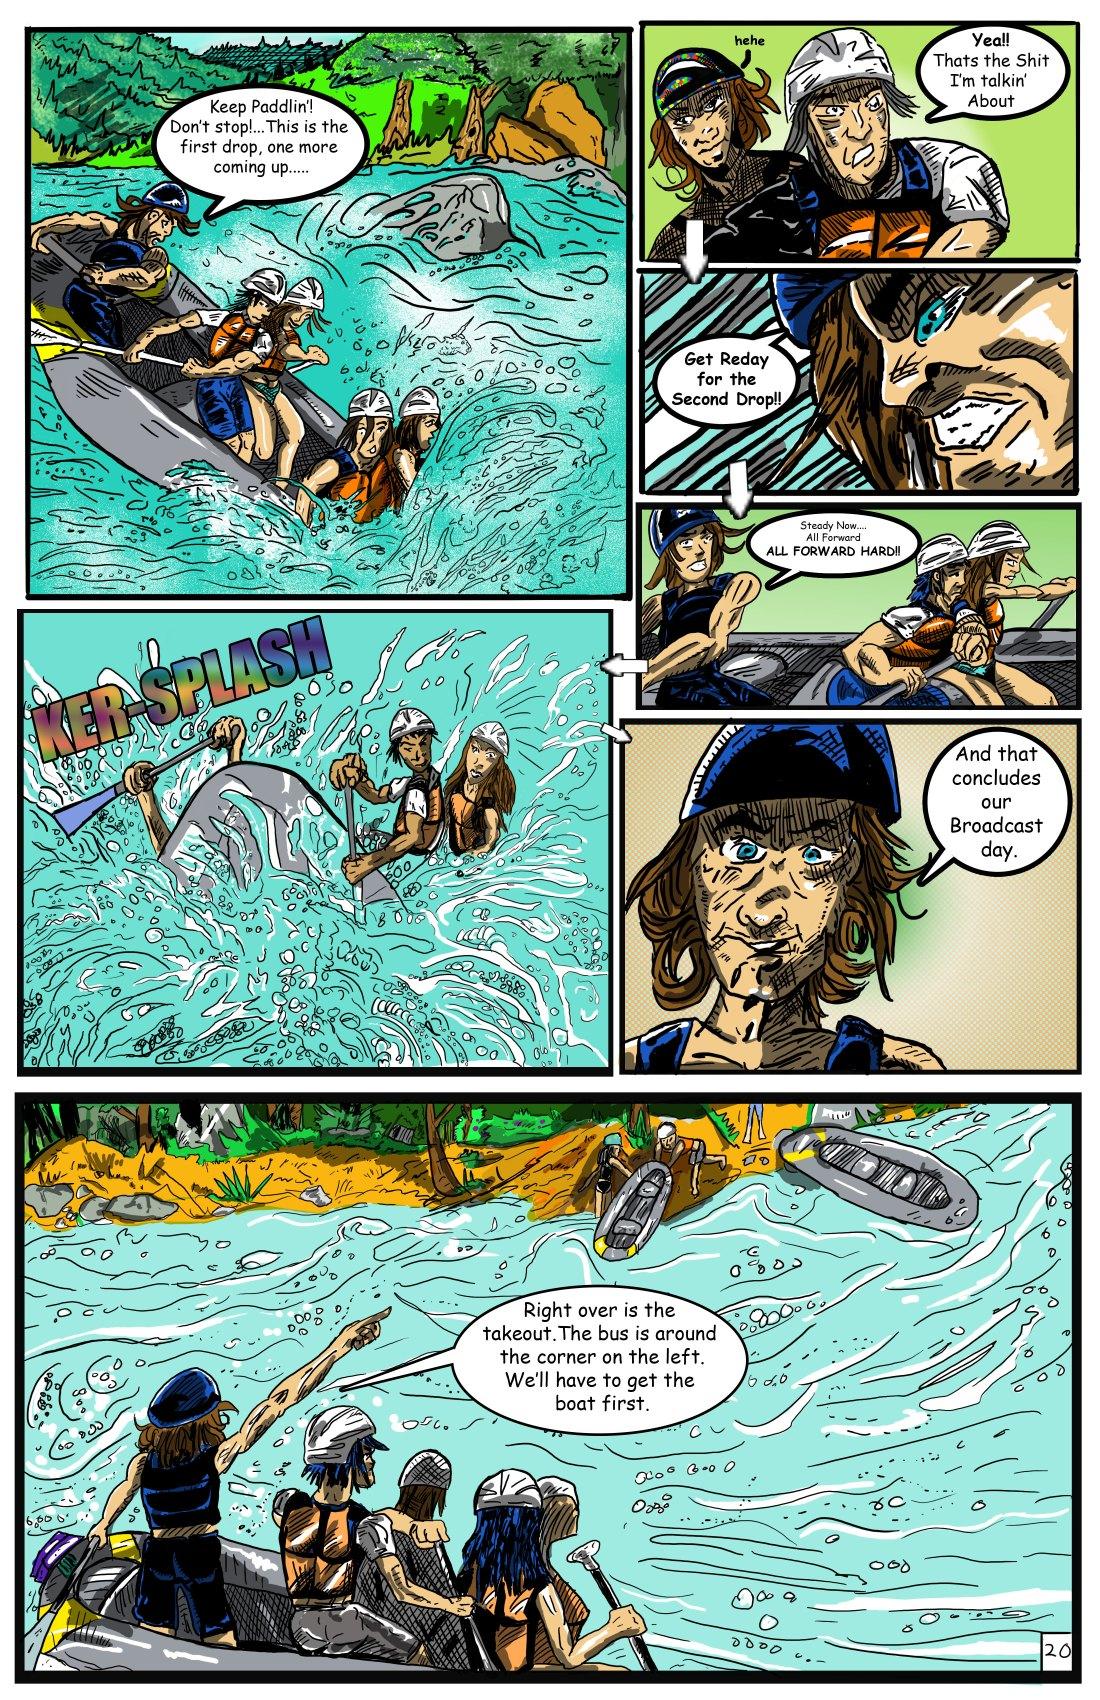 Vagrant-page-20.jpg